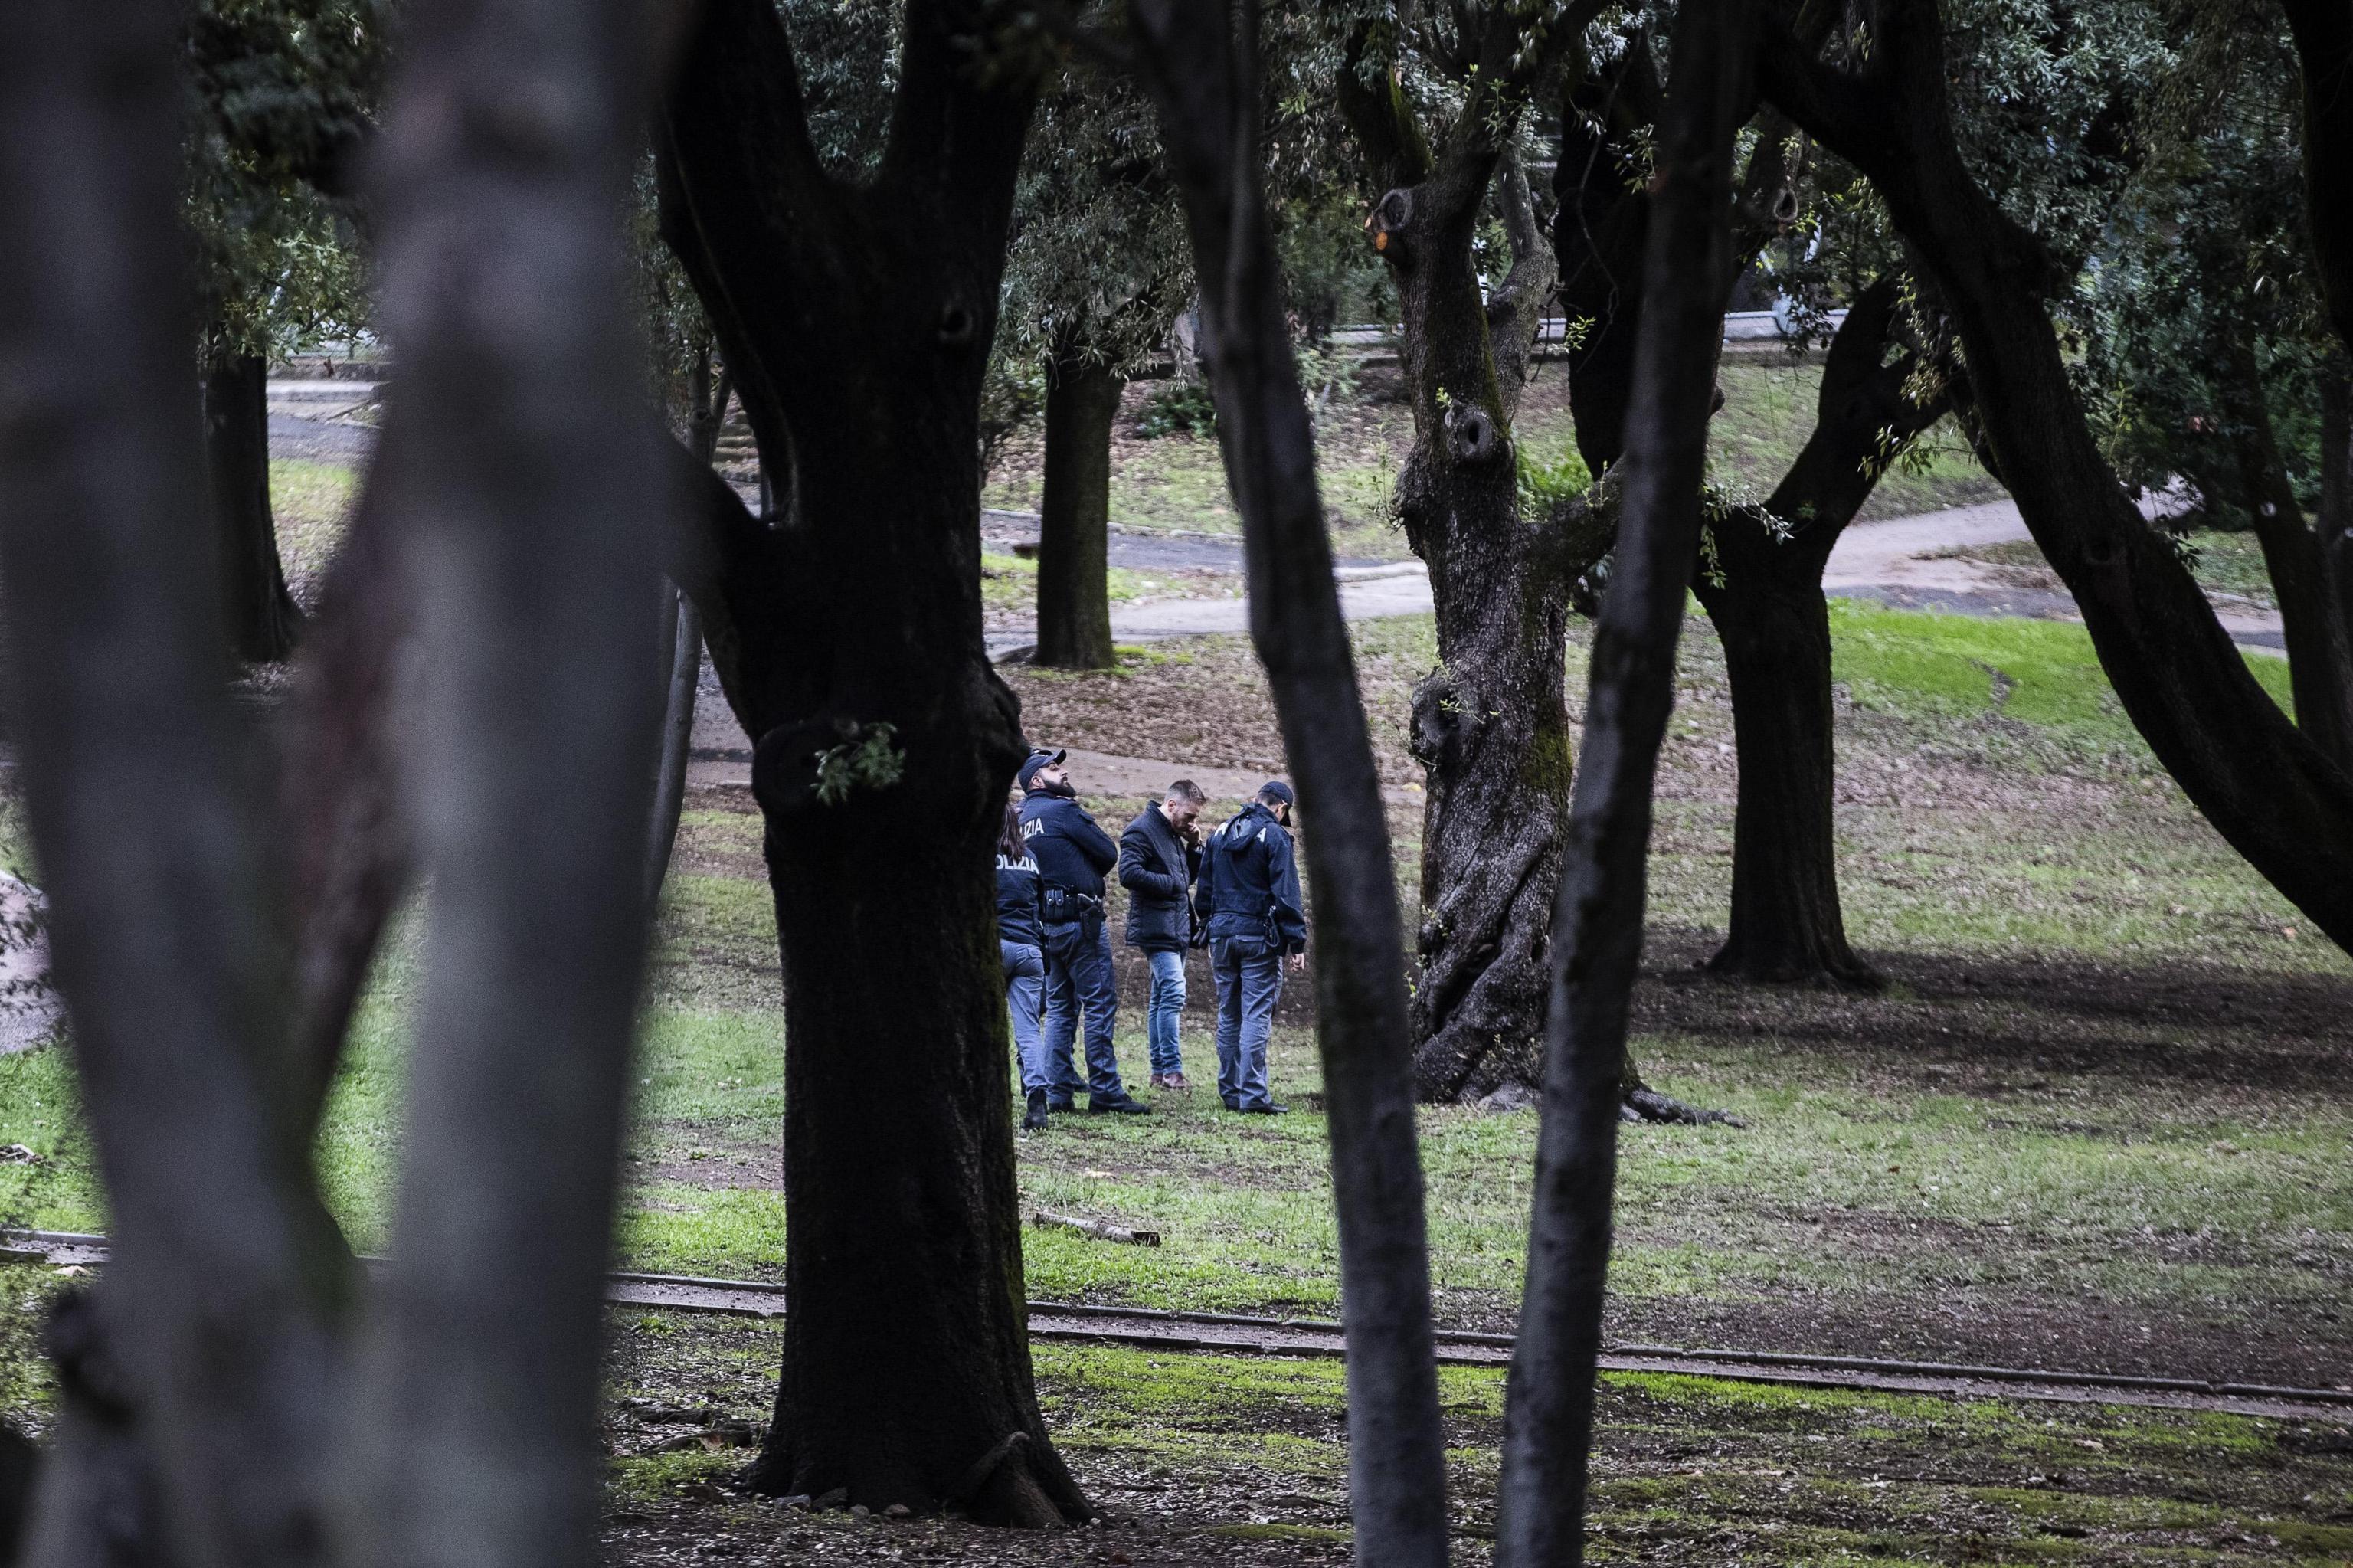 Cadavere di donna carbonizzato trovato nel parco delle Tre Fontane a Roma